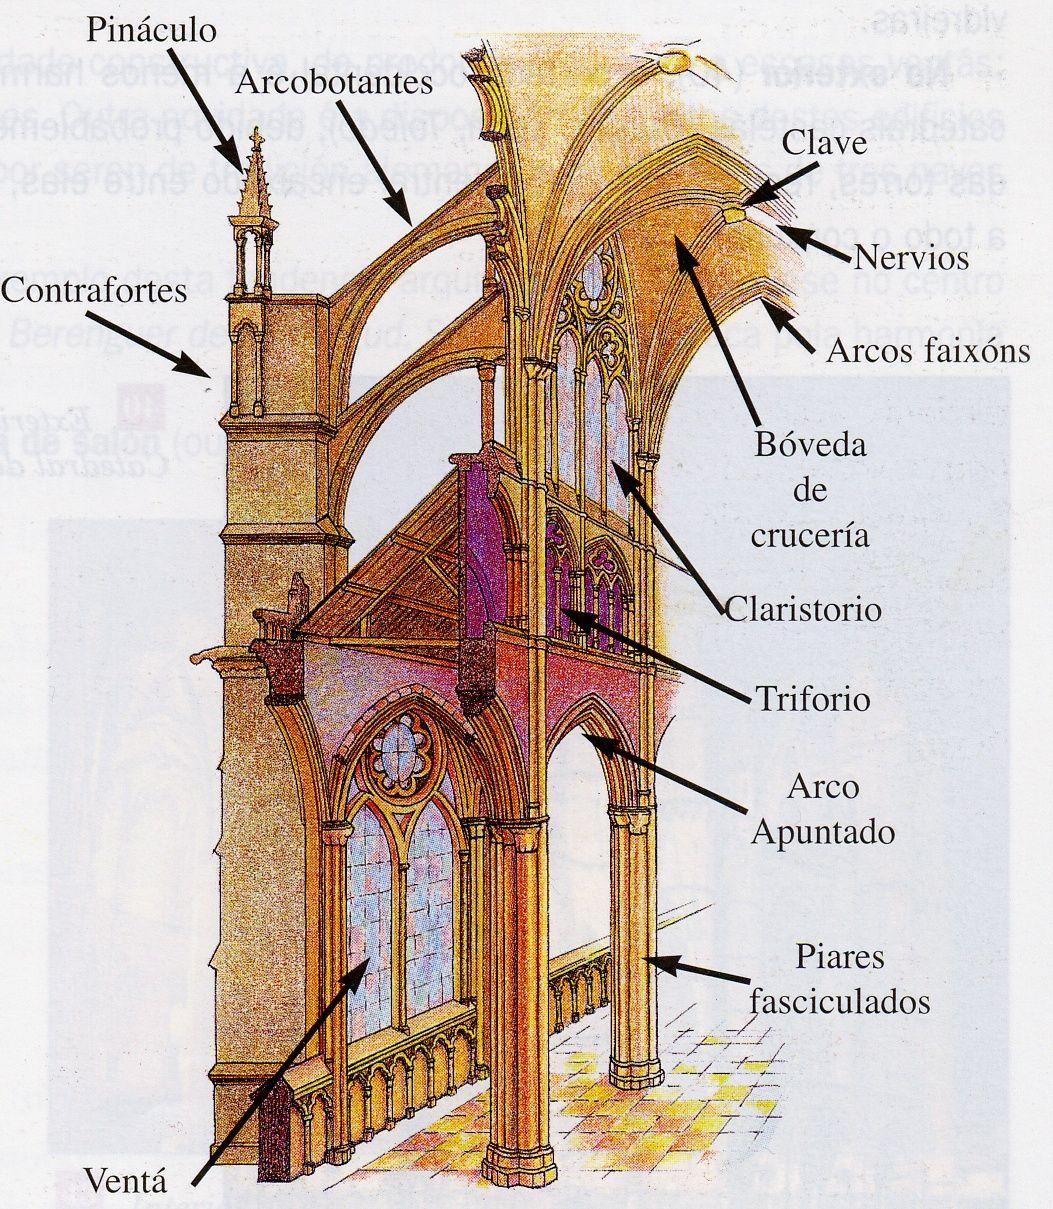 Corte tranversal de una catedral gotica donde se parecia los